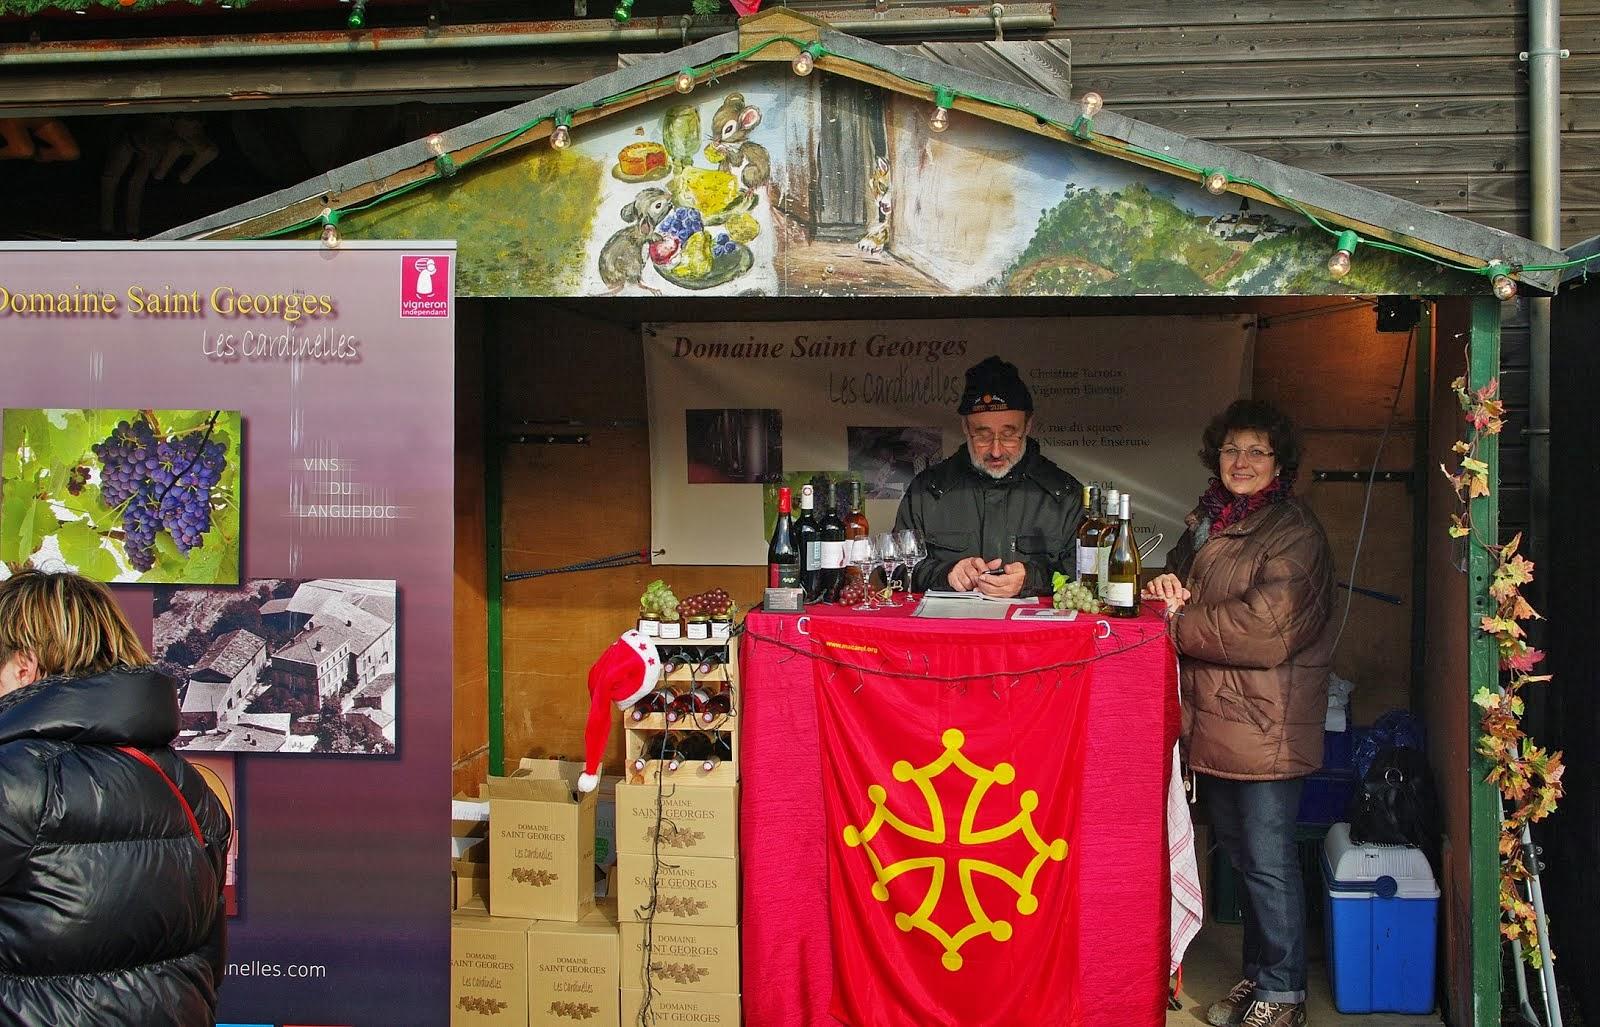 JANY et PHILIPPE ,PROFS ET VITICULTEURS ,seront bientôt au marché de Noël de Gif sur Yvette